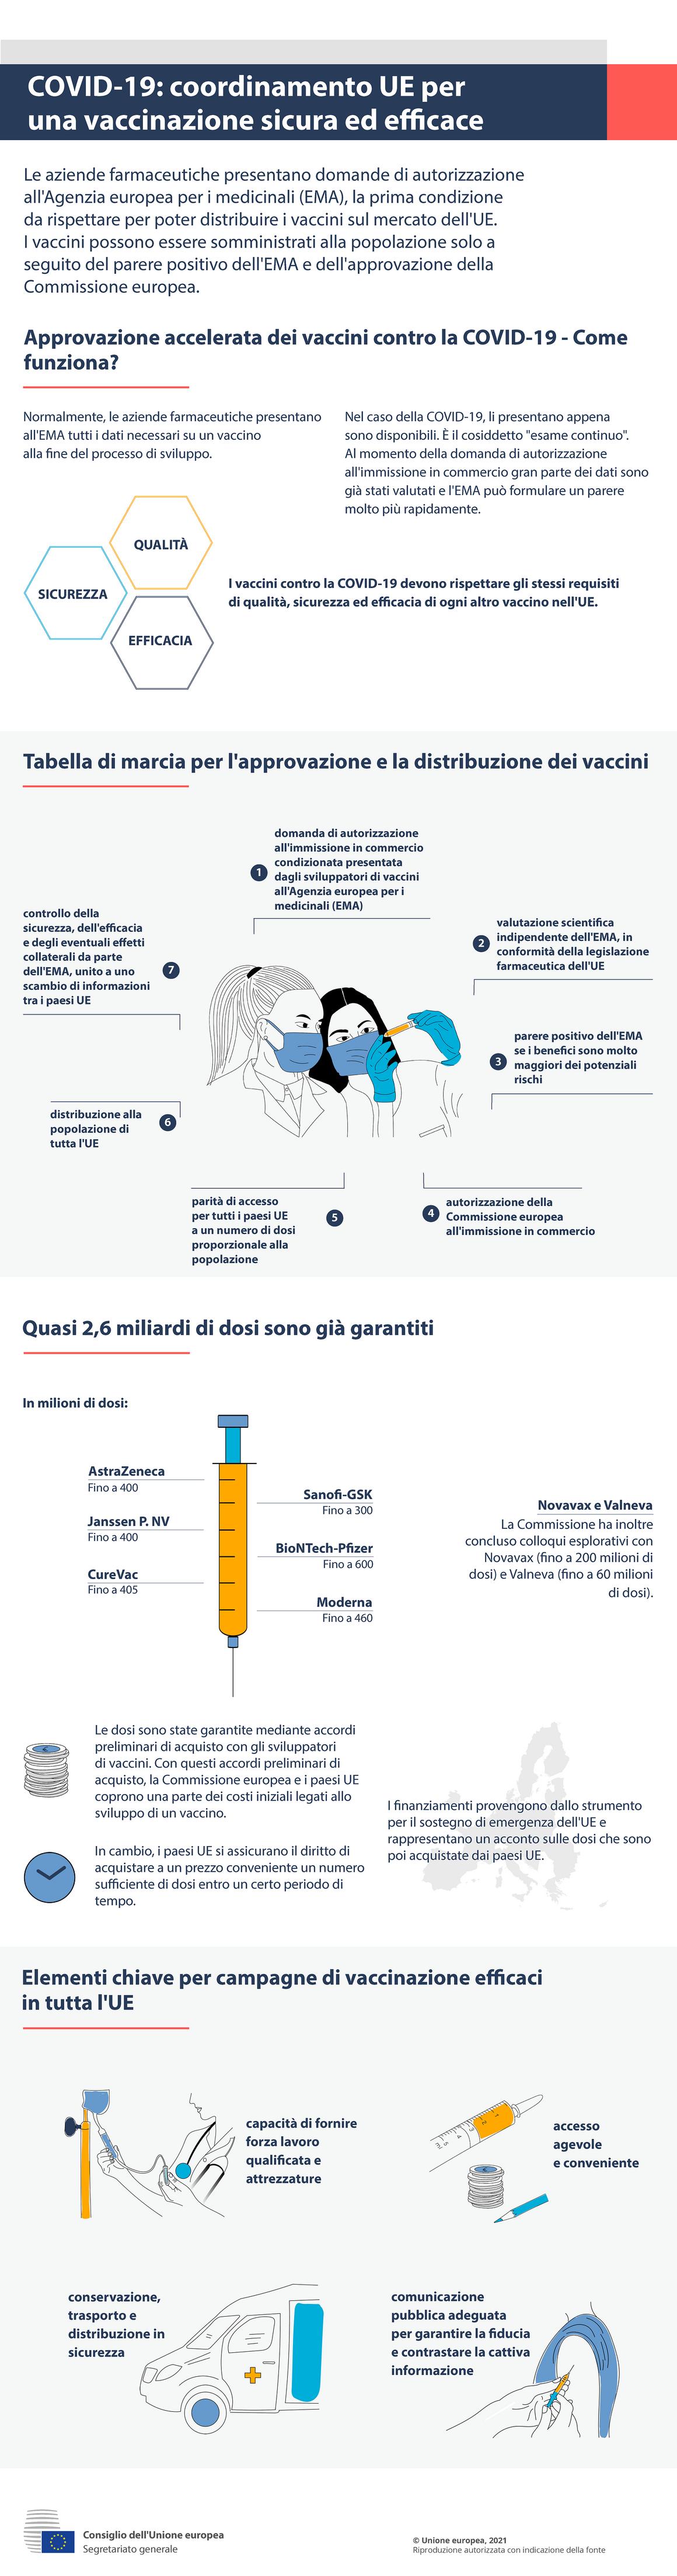 Infografica - COVID-19: coordinamento UE per una vaccinazione sicura ed efficace